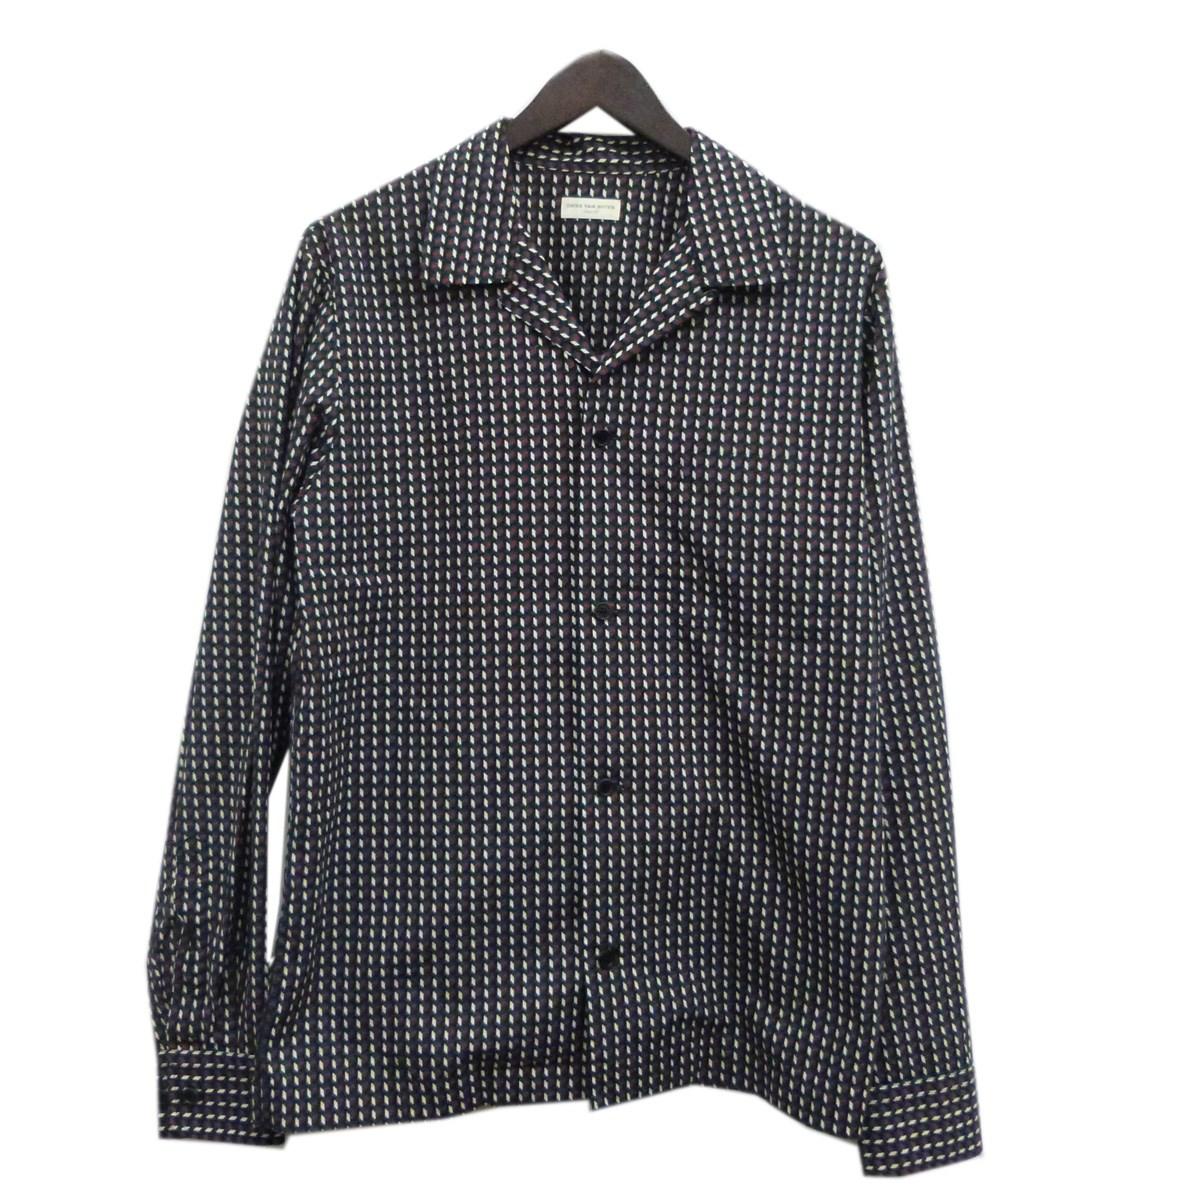 【中古】DRIES VAN NOTENオープンカラー総柄シャツジャケット マルチカラー サイズ:46 【4月16日見直し】